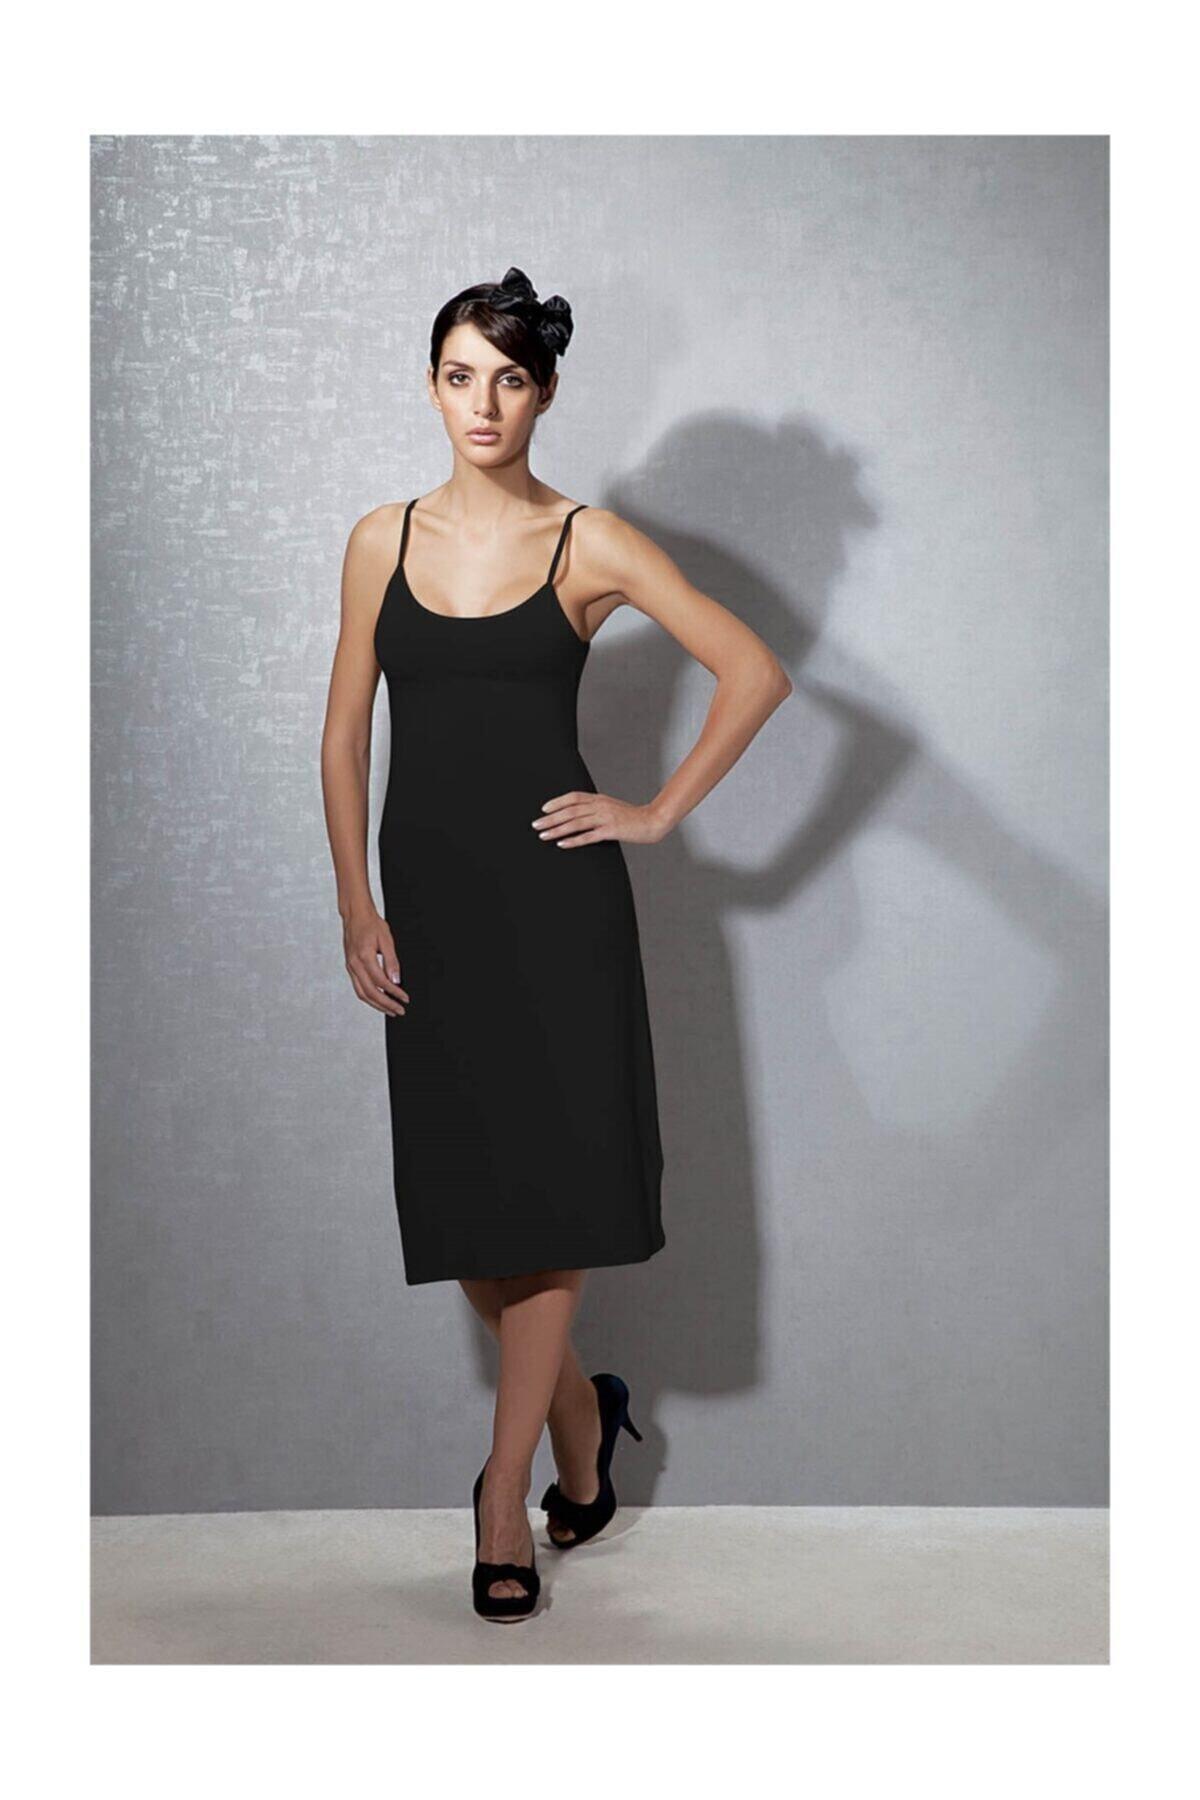 Doreanse Kadın Modal Siyah Askılı Jüpon Kombinezon 11129 1